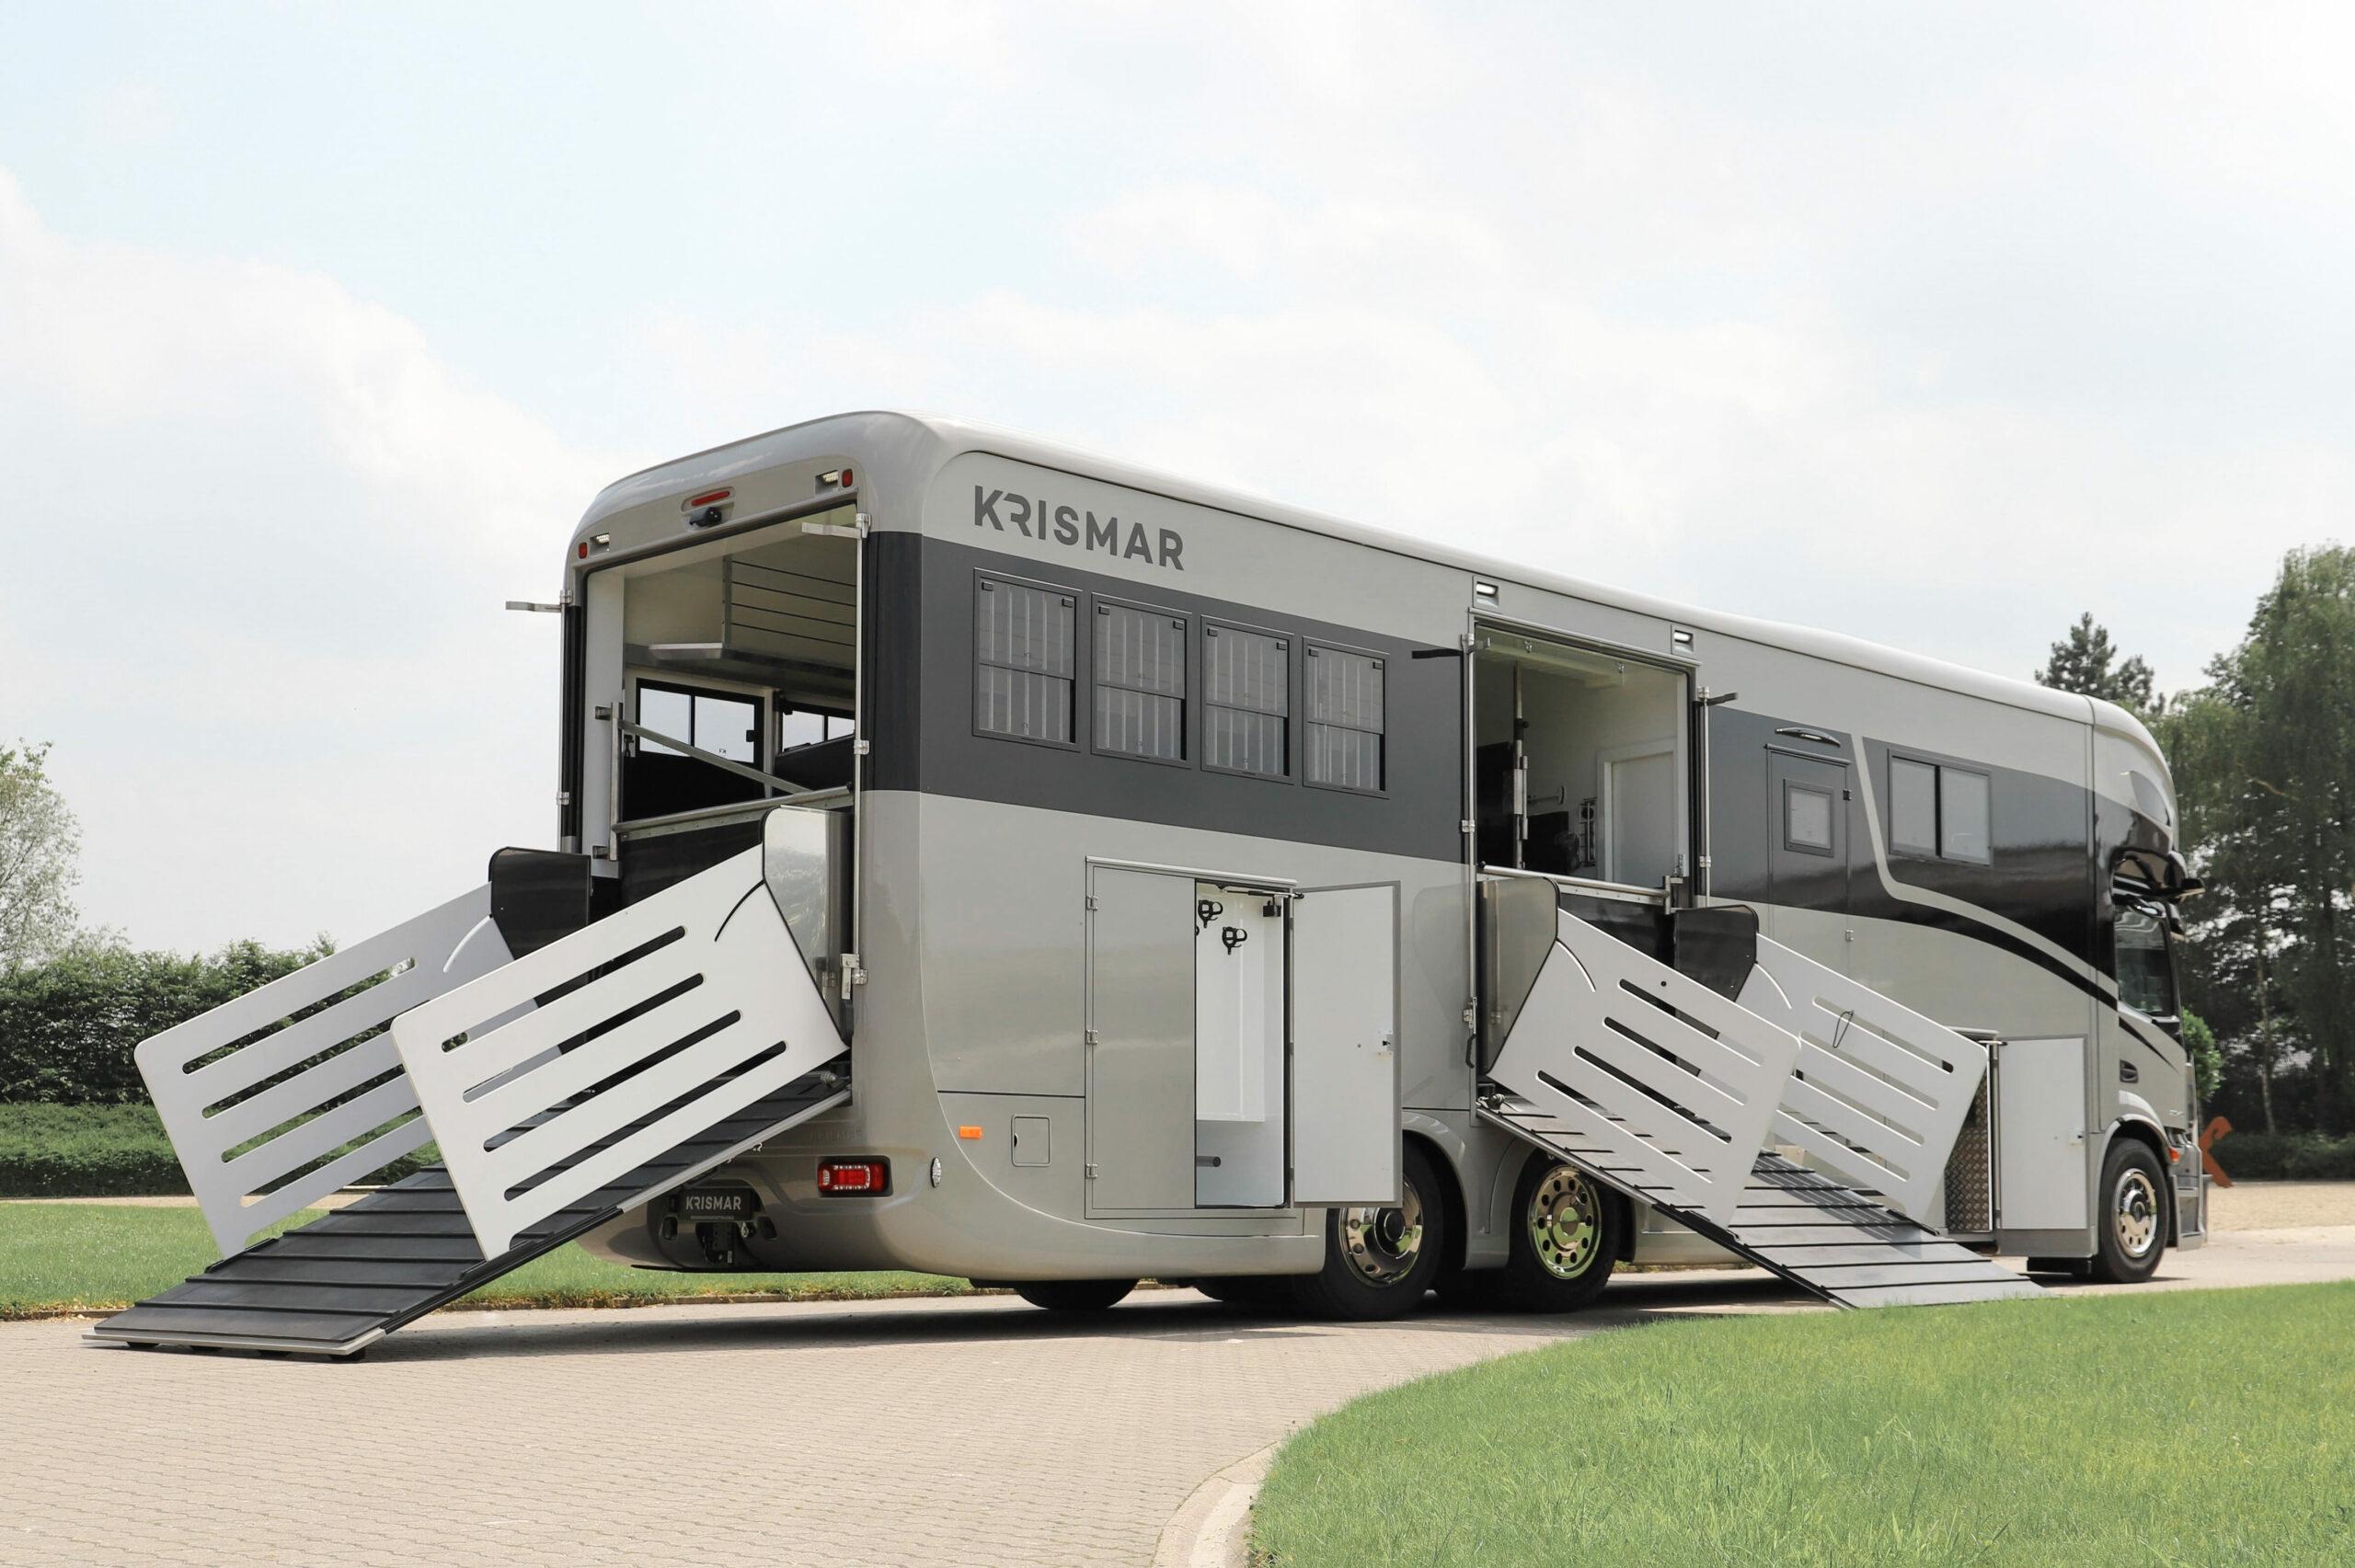 Krismar paardenvrachtwagen met zwarte optische lijn